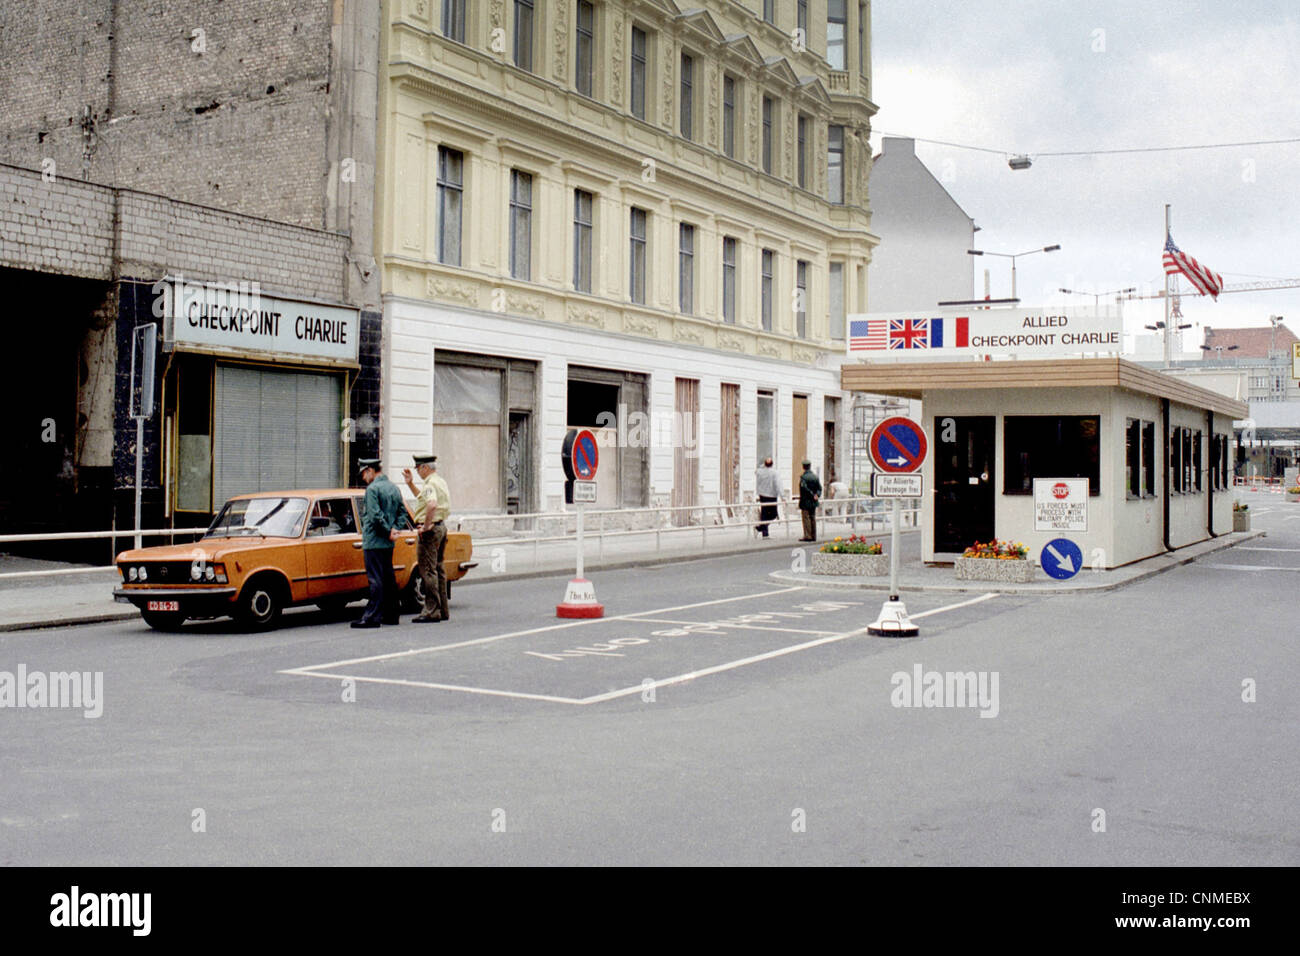 El Checkpoint Charlie en la Friedrichstrasse - muro de Berlín Imagen De Stock